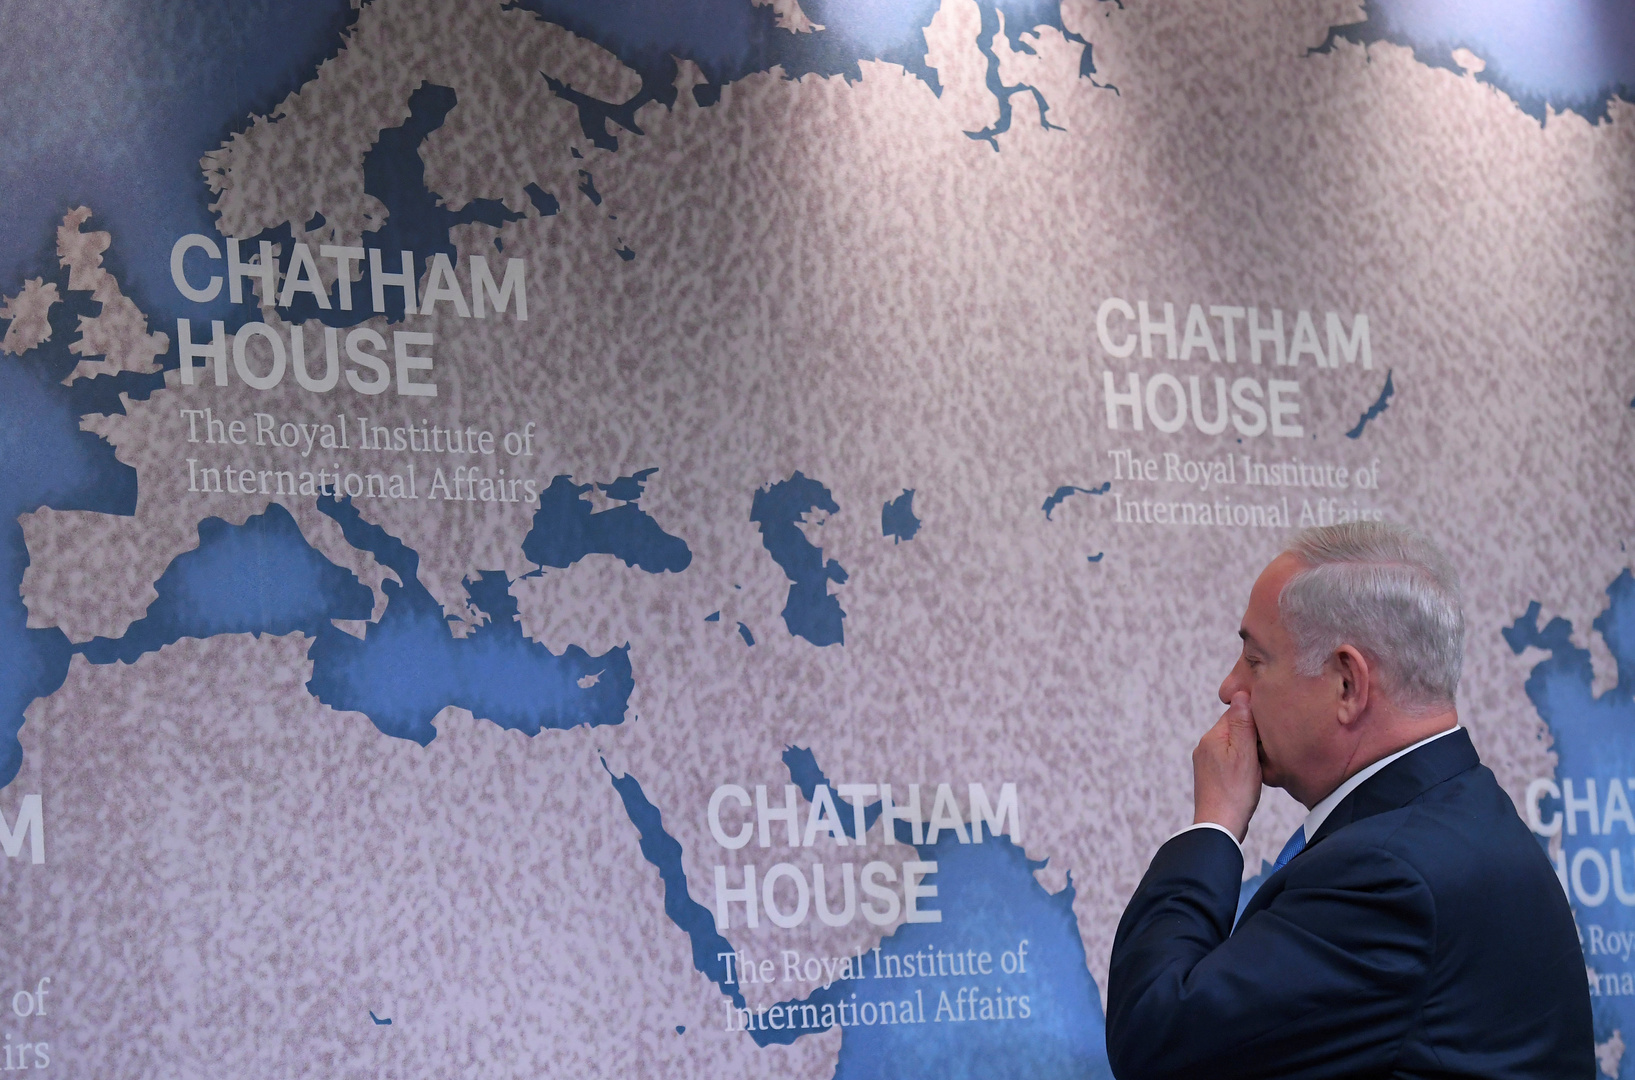 بعد الاتفاق مع الإمارات.. إسرائيل تدرس فرص إقامة العلاقات مع 3 دول عربية أخرى